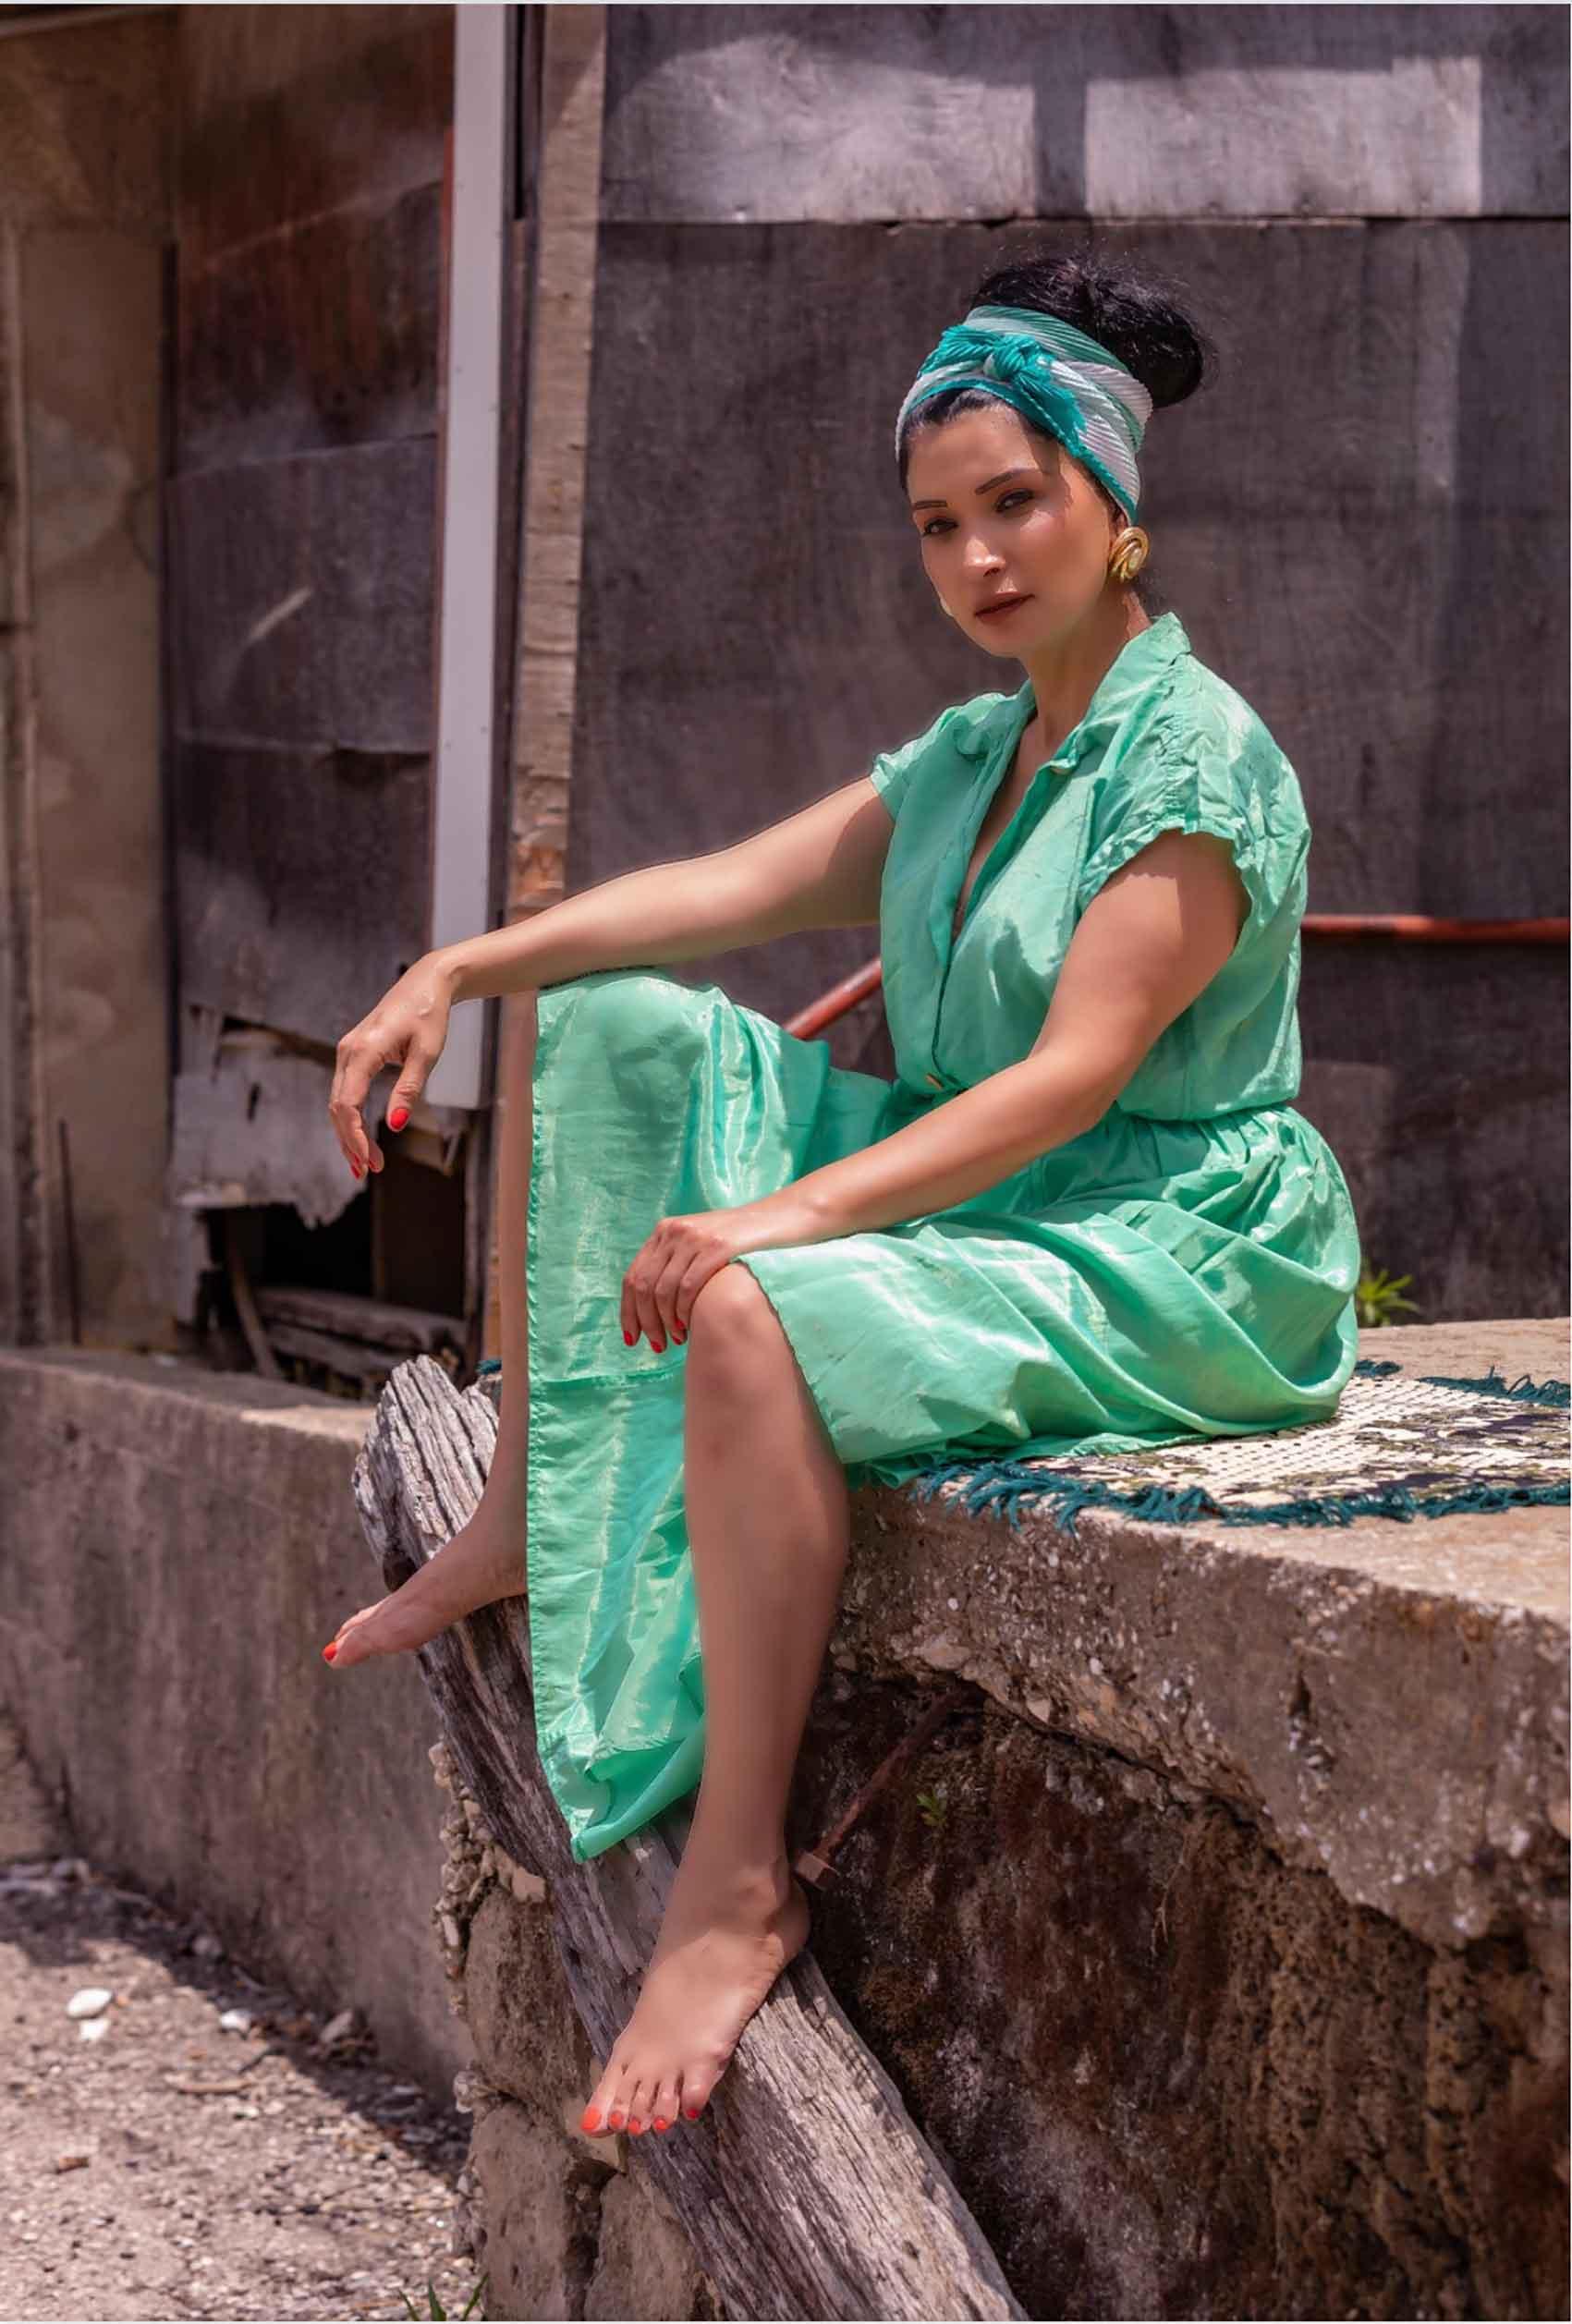 אופנה-מגזין-אופנה-לובשת-וינטג-מאיה-אושרי-צילום-מיקי-בן-עטר -81